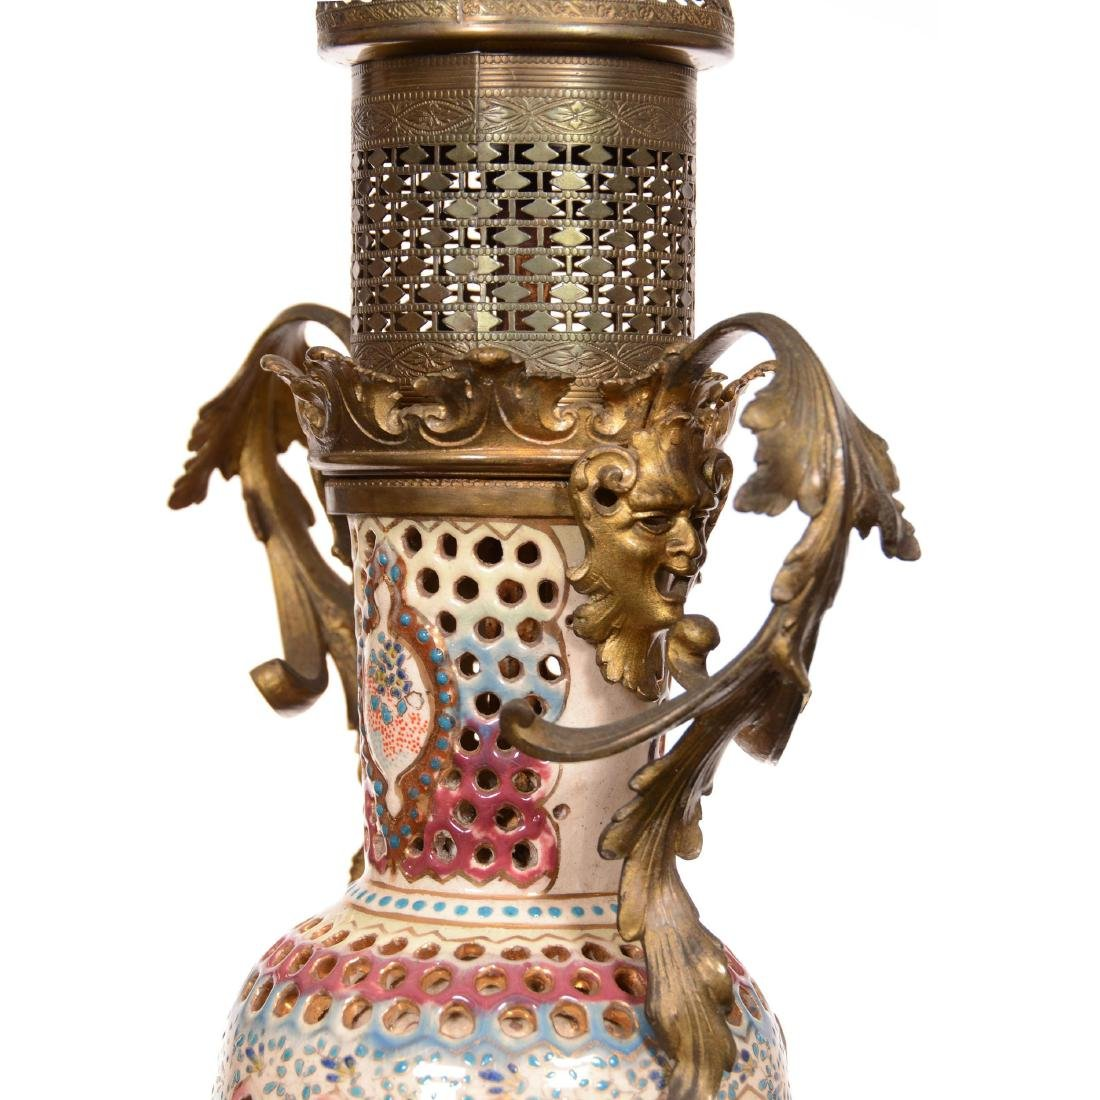 Unmarked Zsolnay Art Pottery Lamp Base - 2